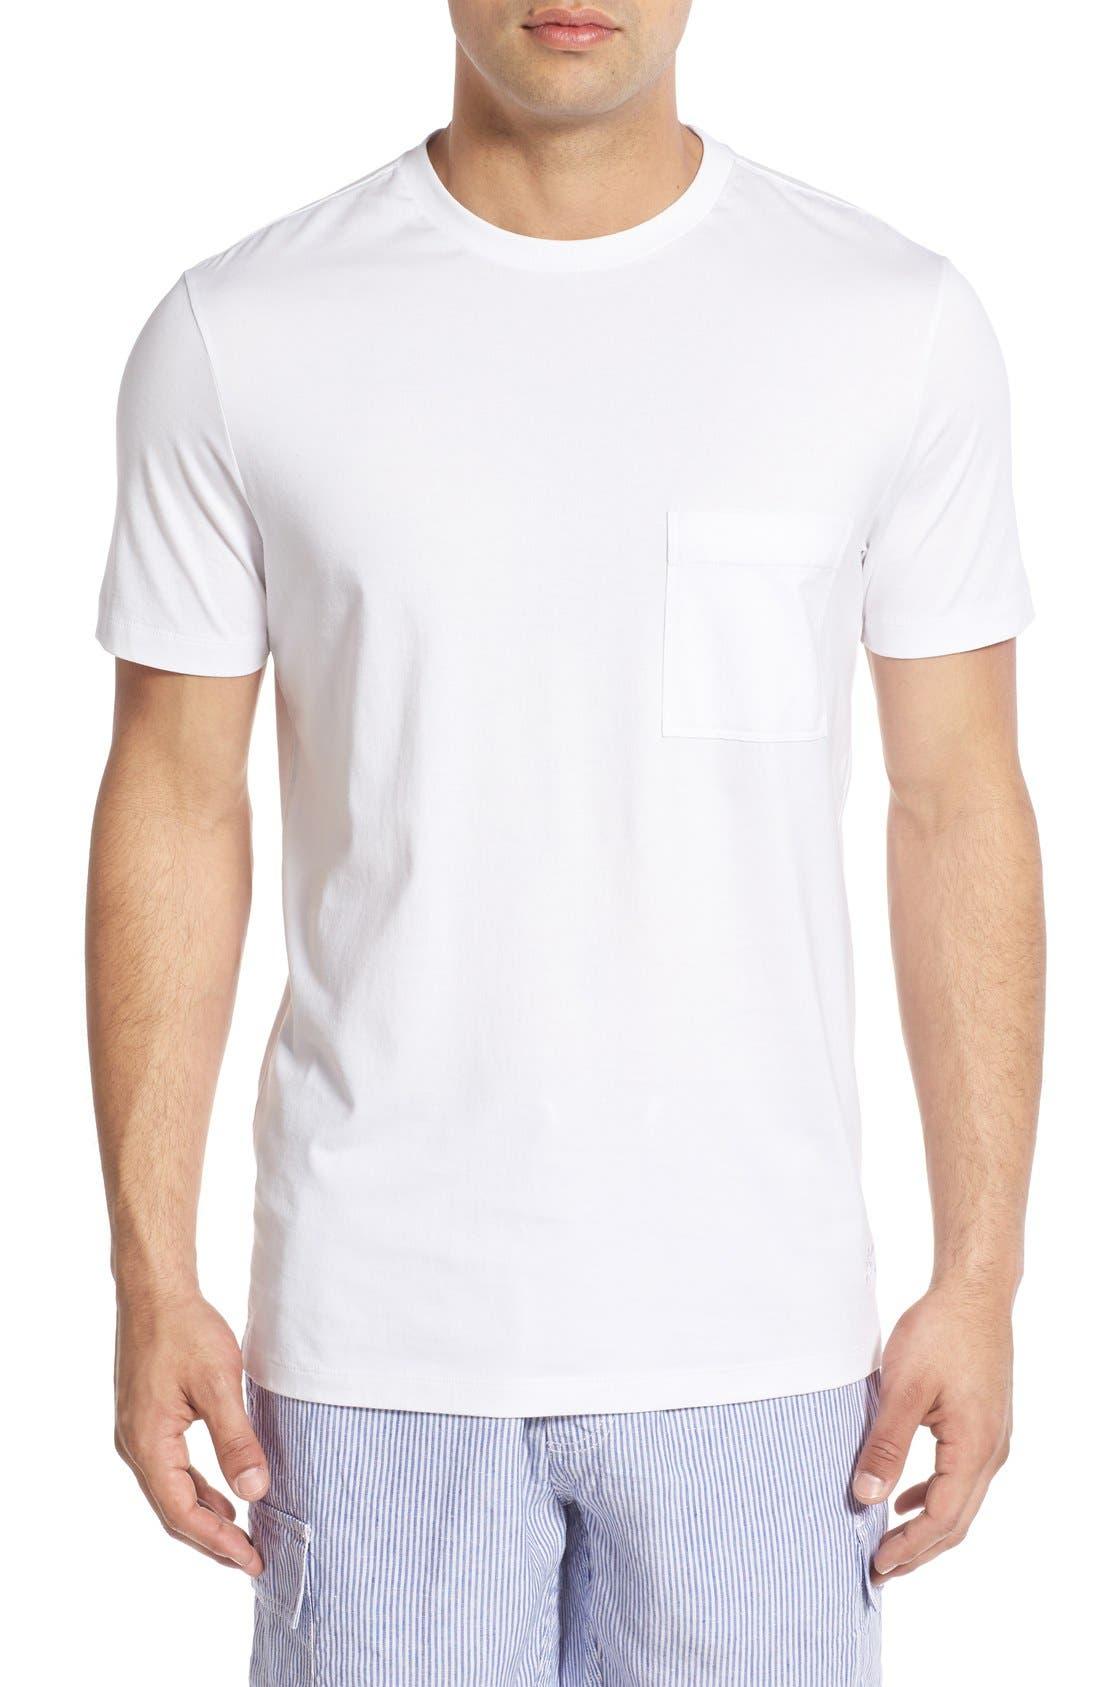 Alternate Image 1 Selected - Vilebrequin Pocket T-Shirt